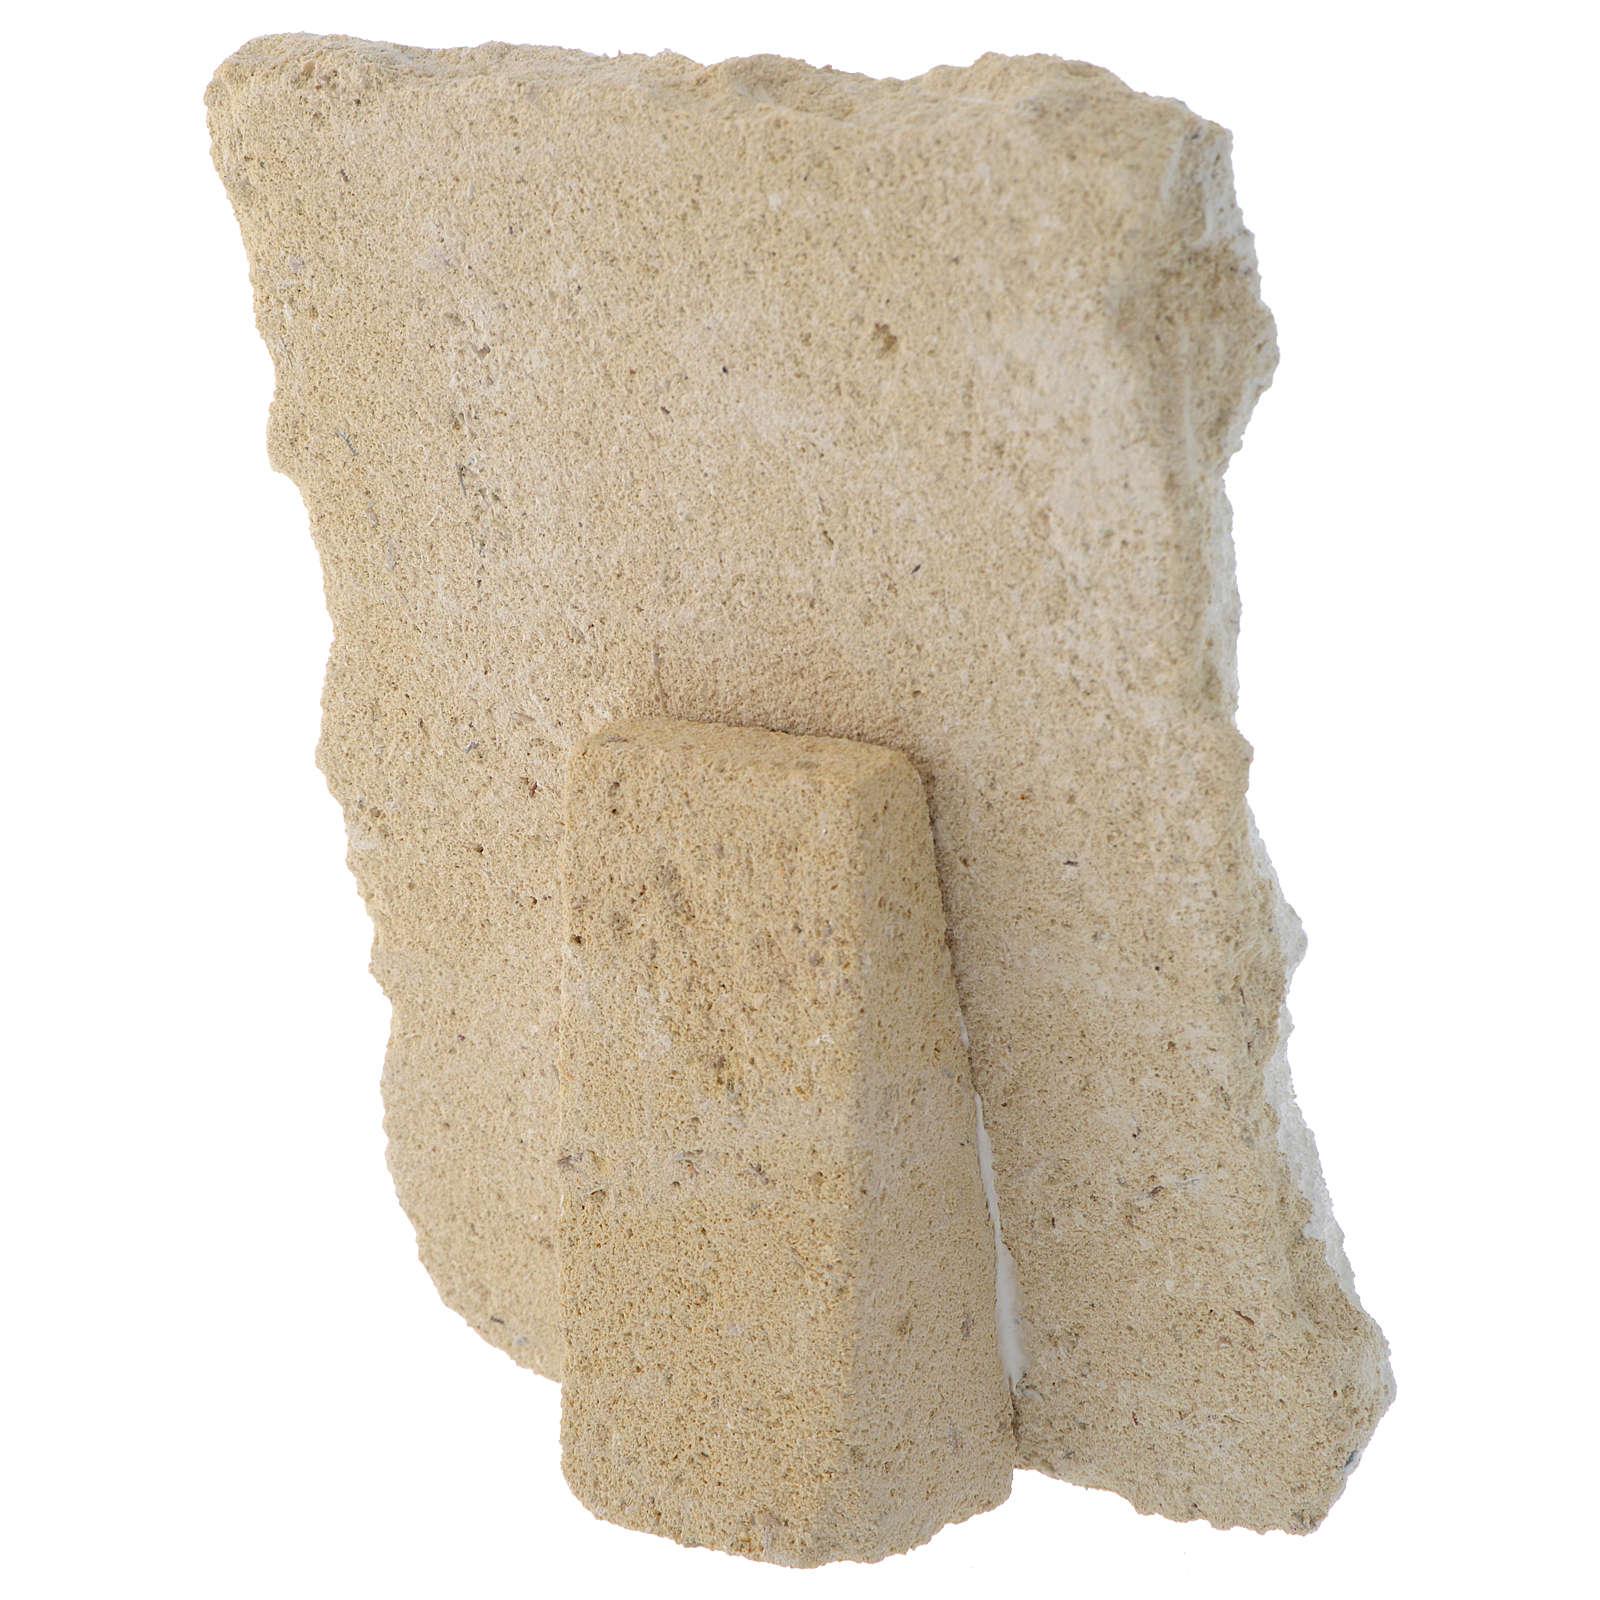 STOCK Estampa logo Jubileo sobre toba 10x15 cm 3